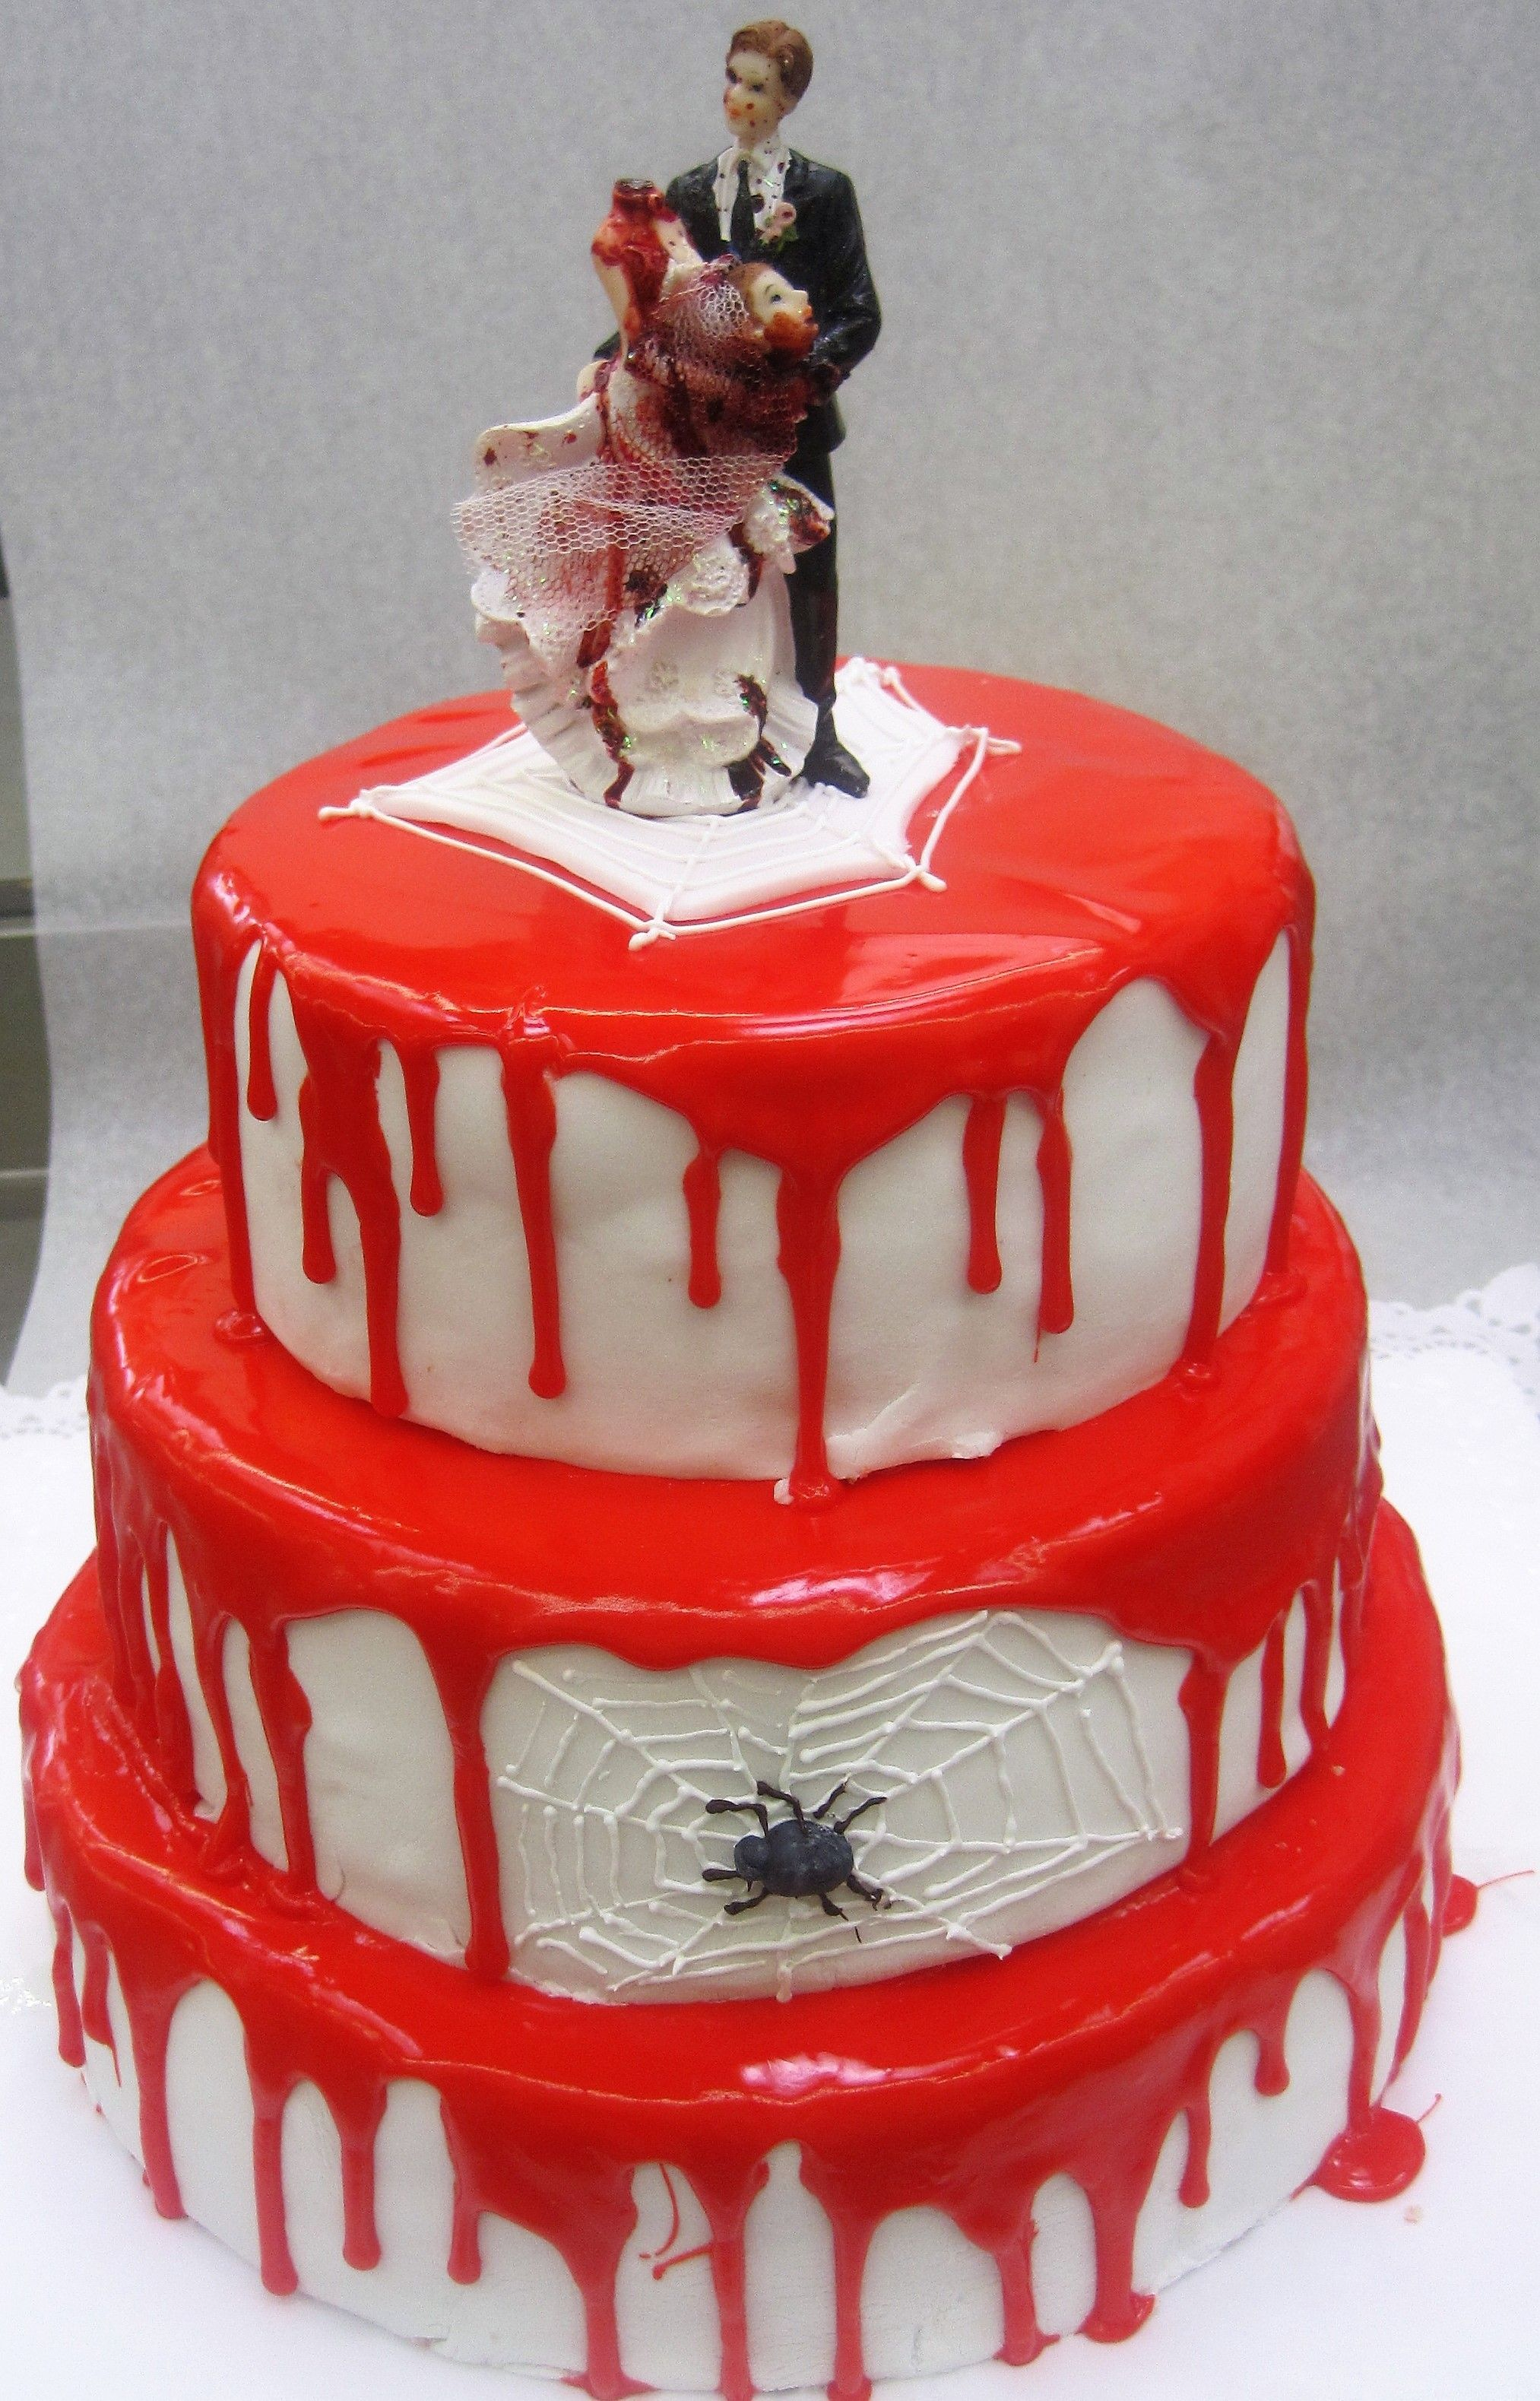 Hochzeitstorte mal anders mit Spinne und blutigem Brautpaar  Himmlische Hochzeitstorten